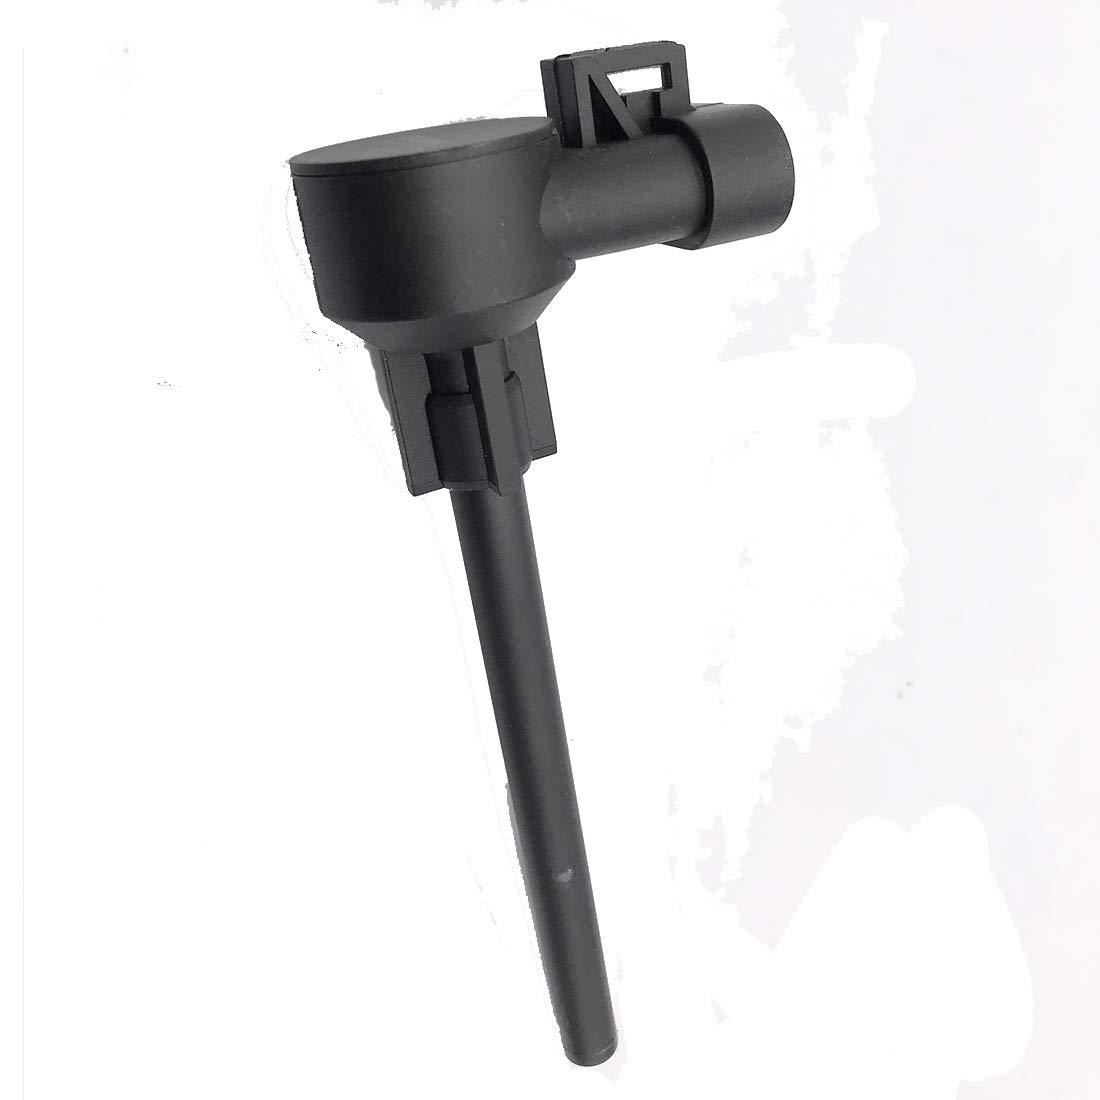 904-7631 Coolant Level Sensor N9267001 RP31640002 Fits For PETERBILT TRUCKS 08-19//KENWORTH TRUCKS 08-17